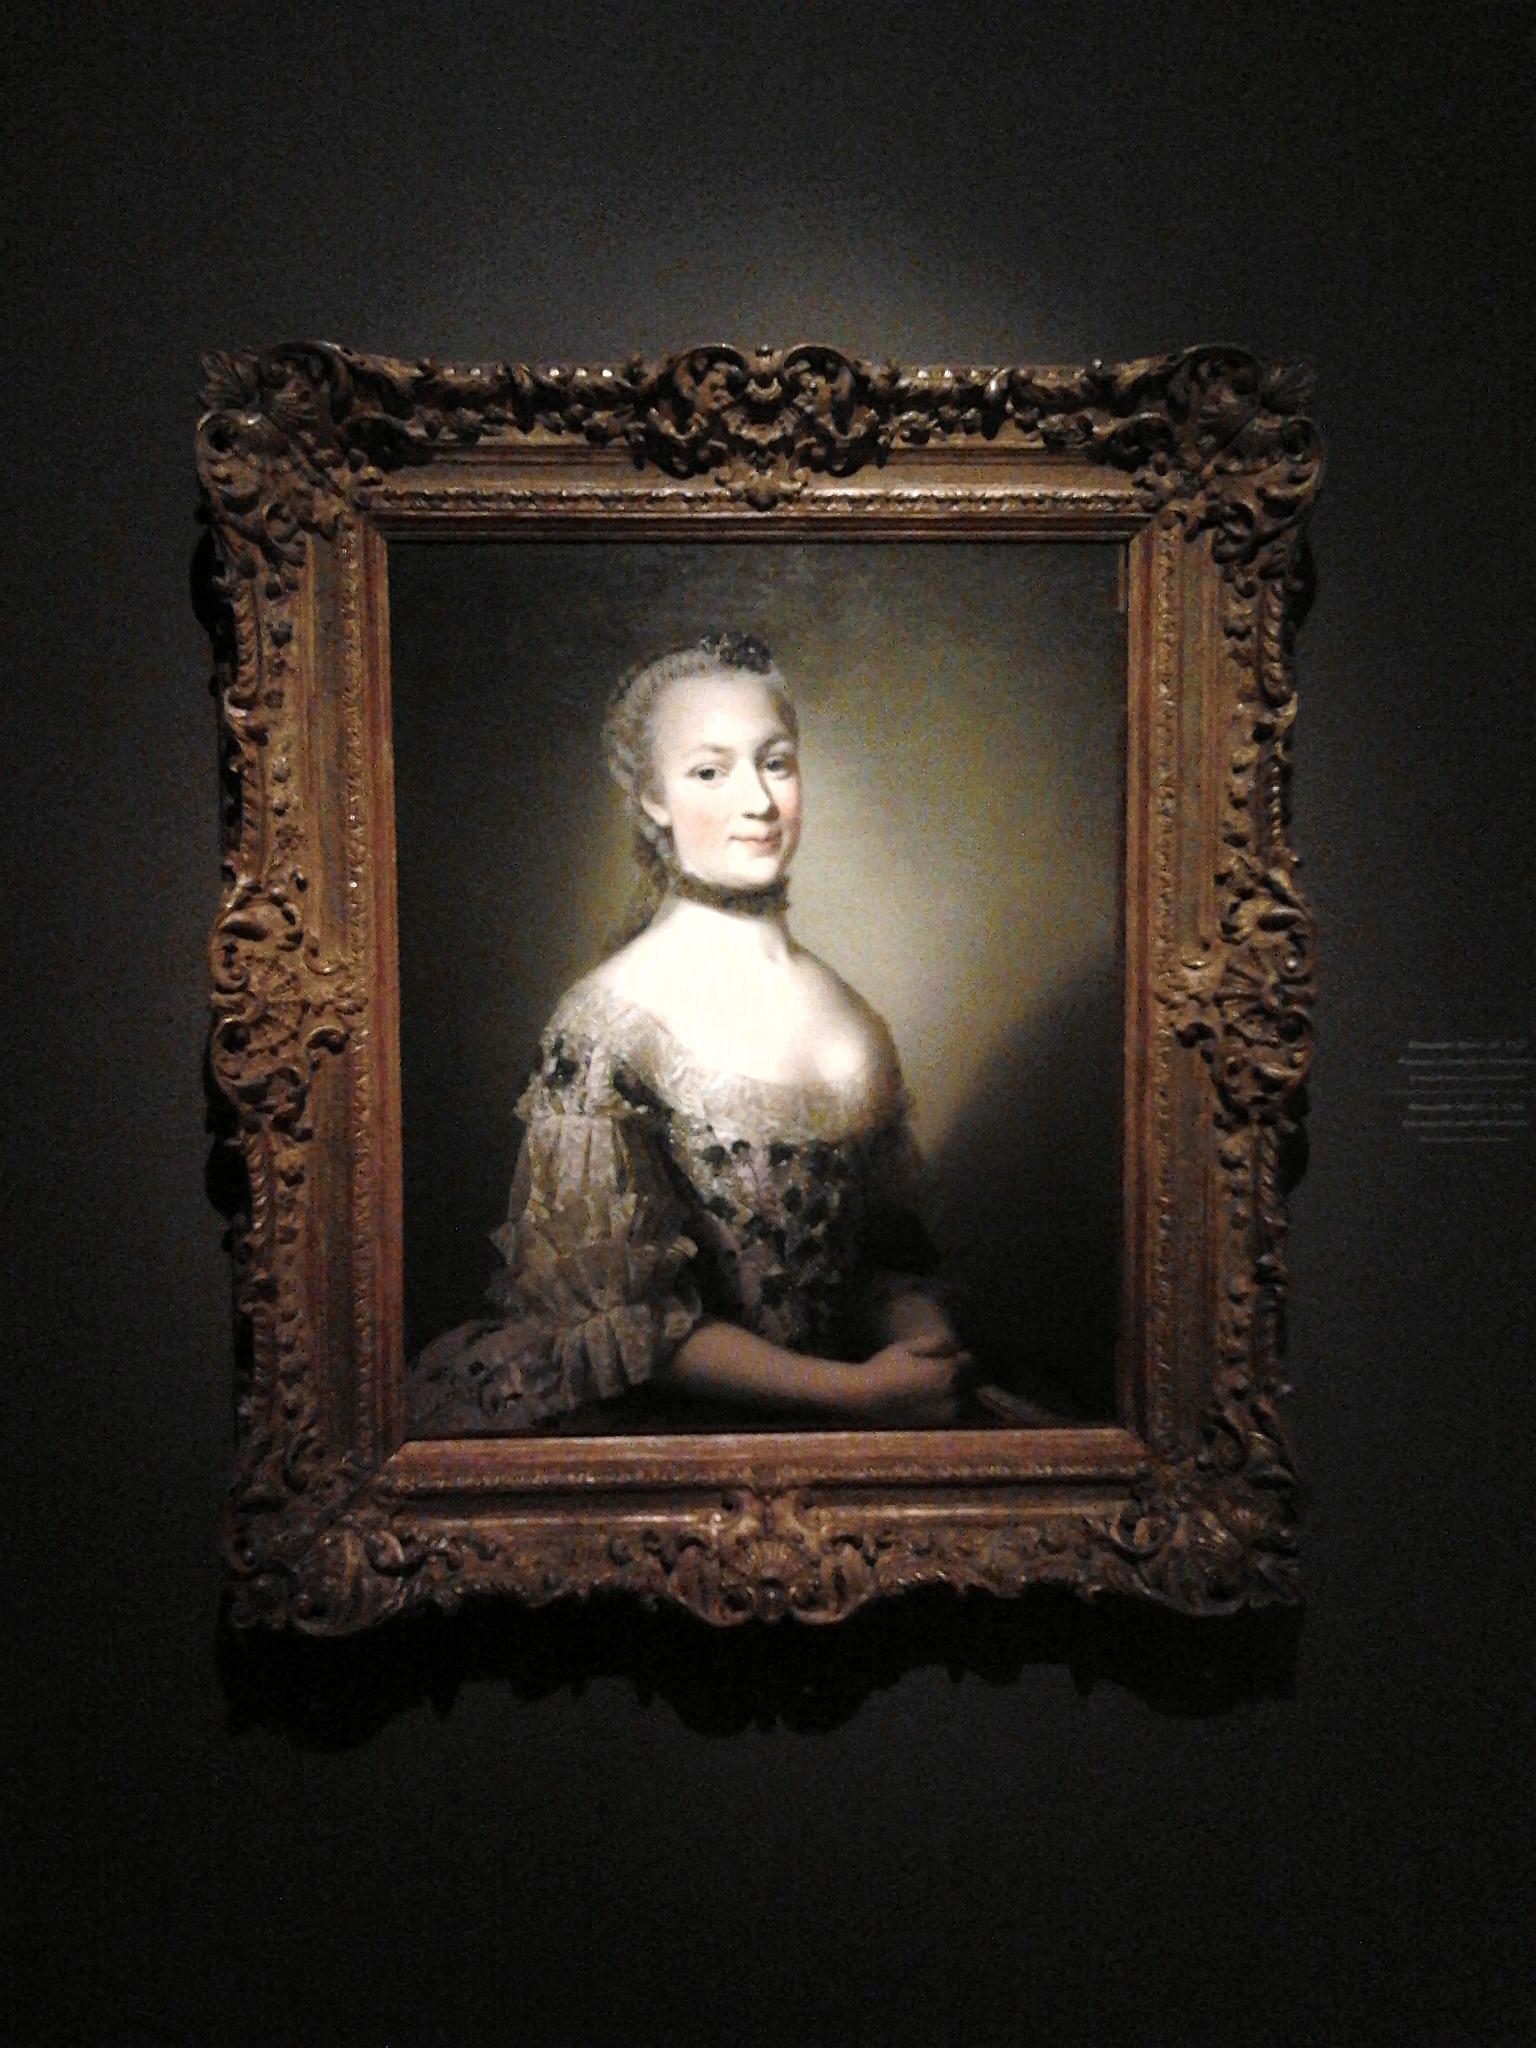 File:Gallery of Painting RCW Roslin.jpg